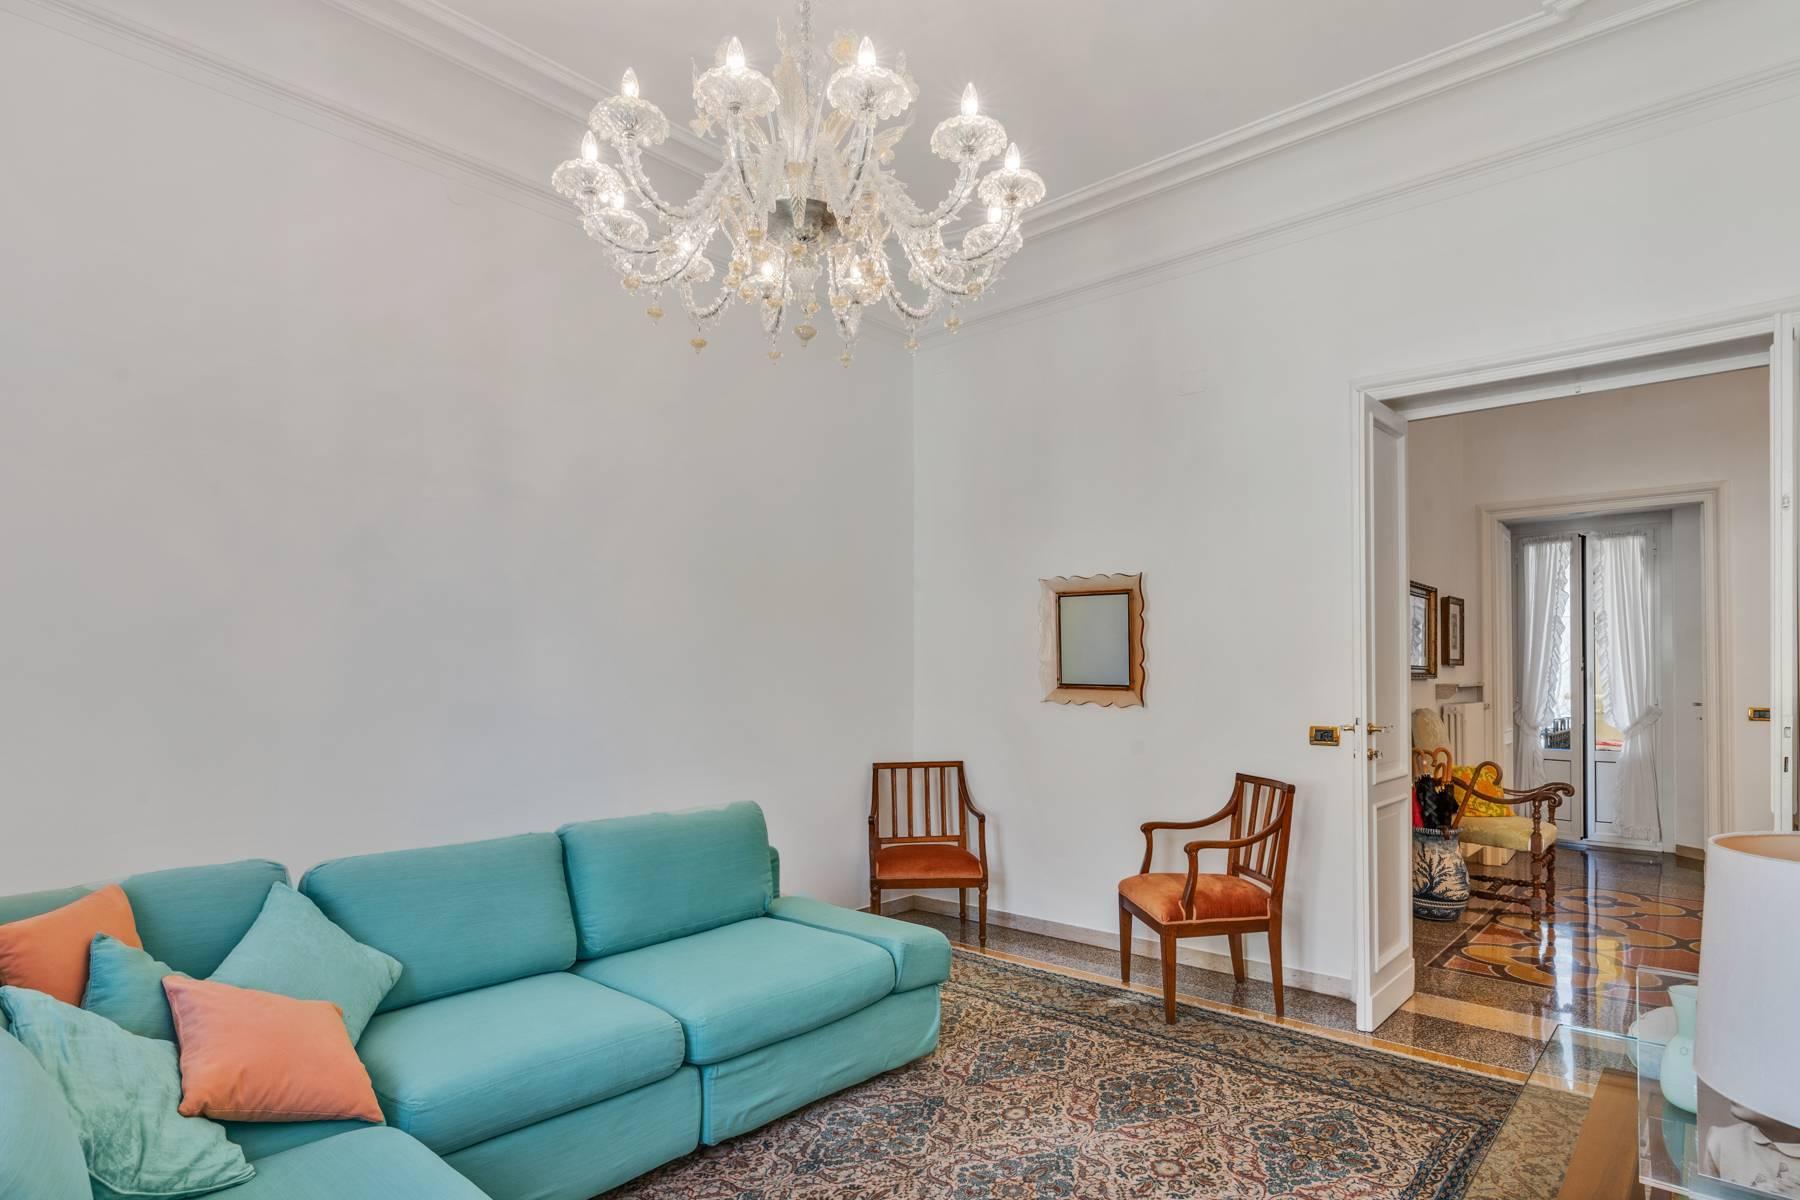 Elegante 275 qm Wohnung im antiken Palast in Carignano - 11